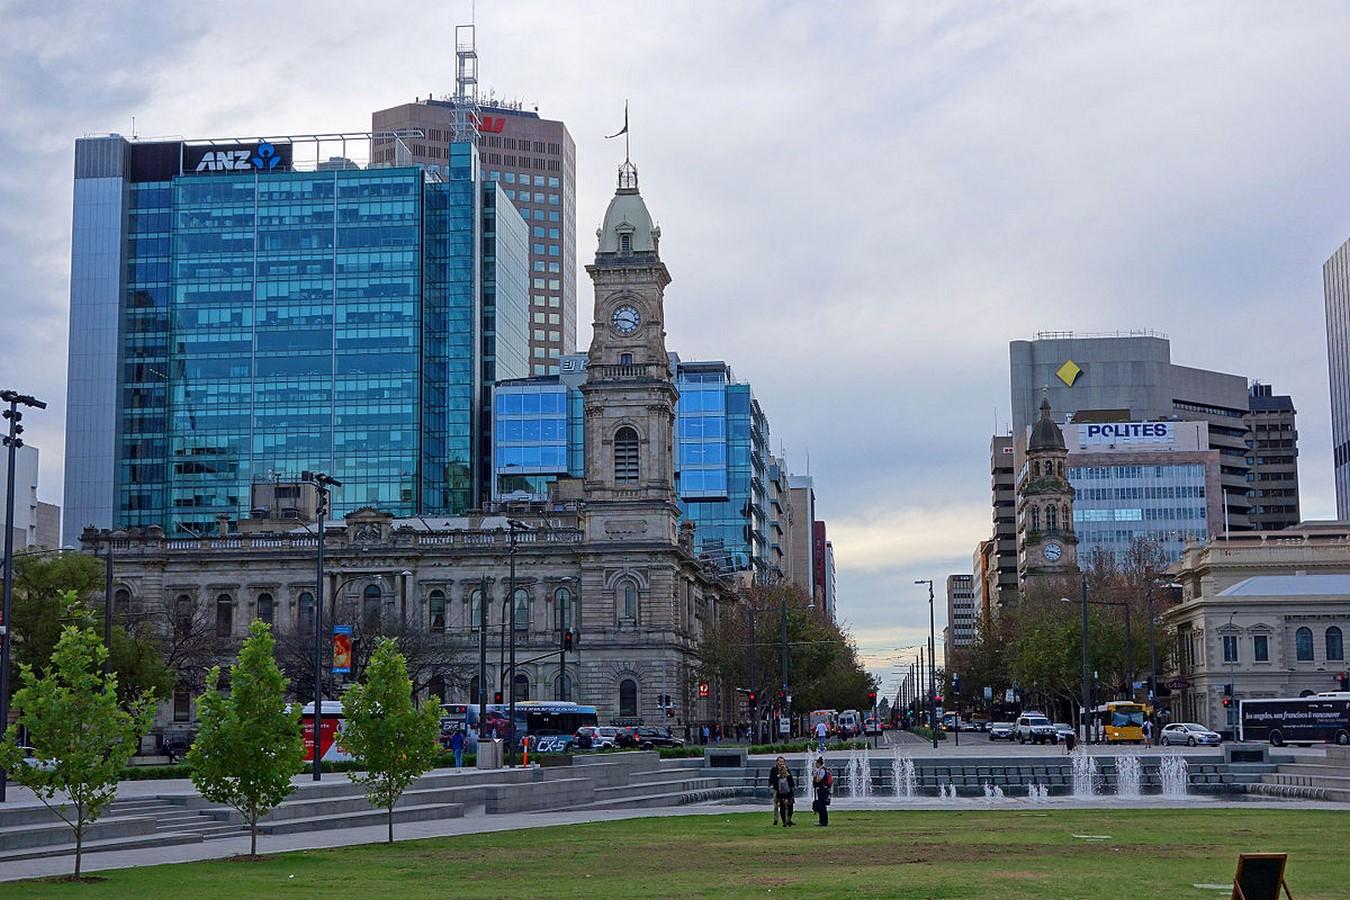 Victoria's Square - Sheet3